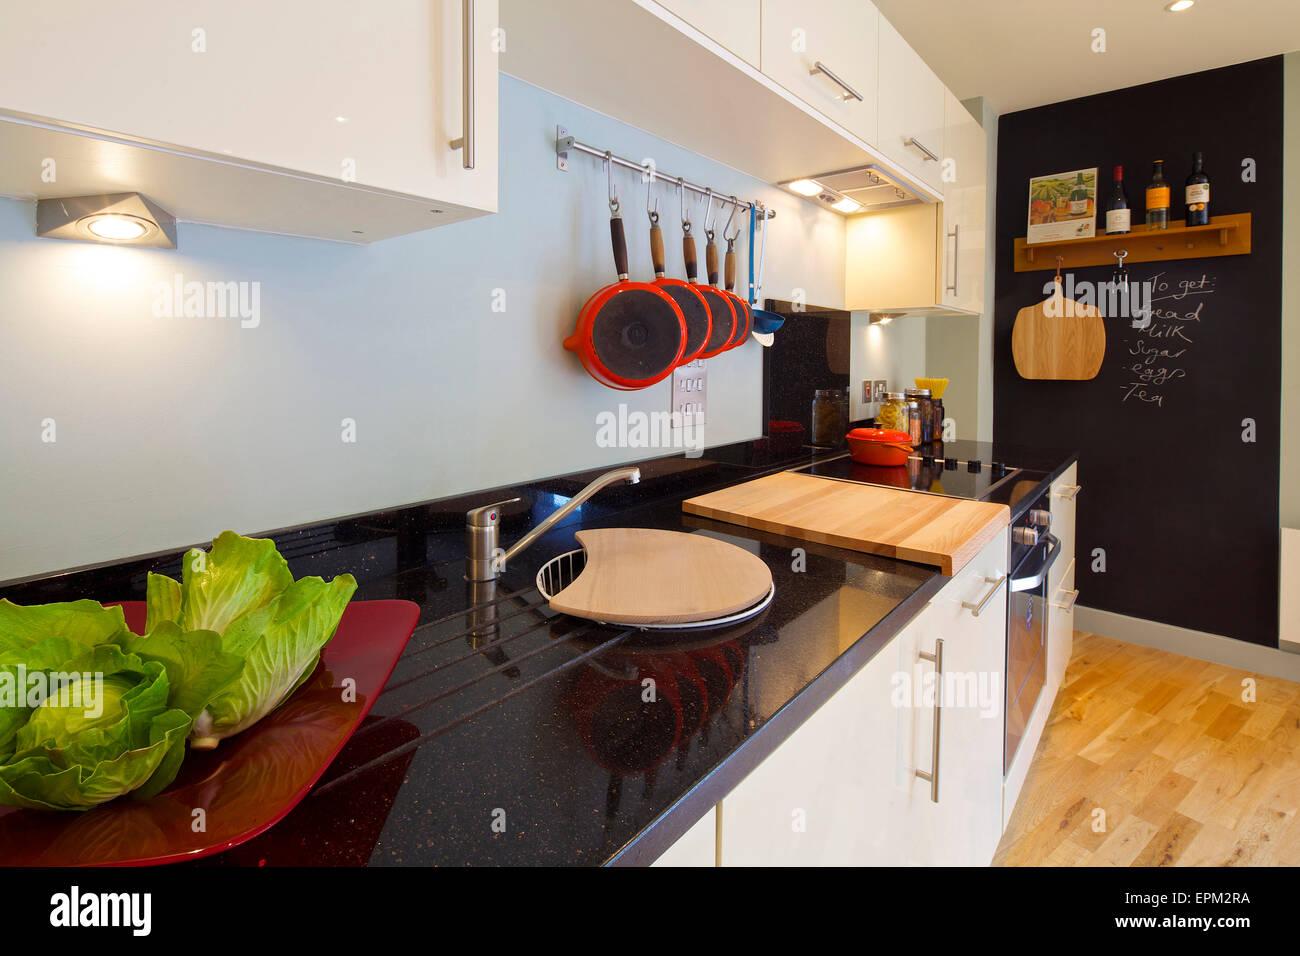 Schön Wohnung Mit Küche London Zeitgenössisch - Ideen Für Die Küche ...